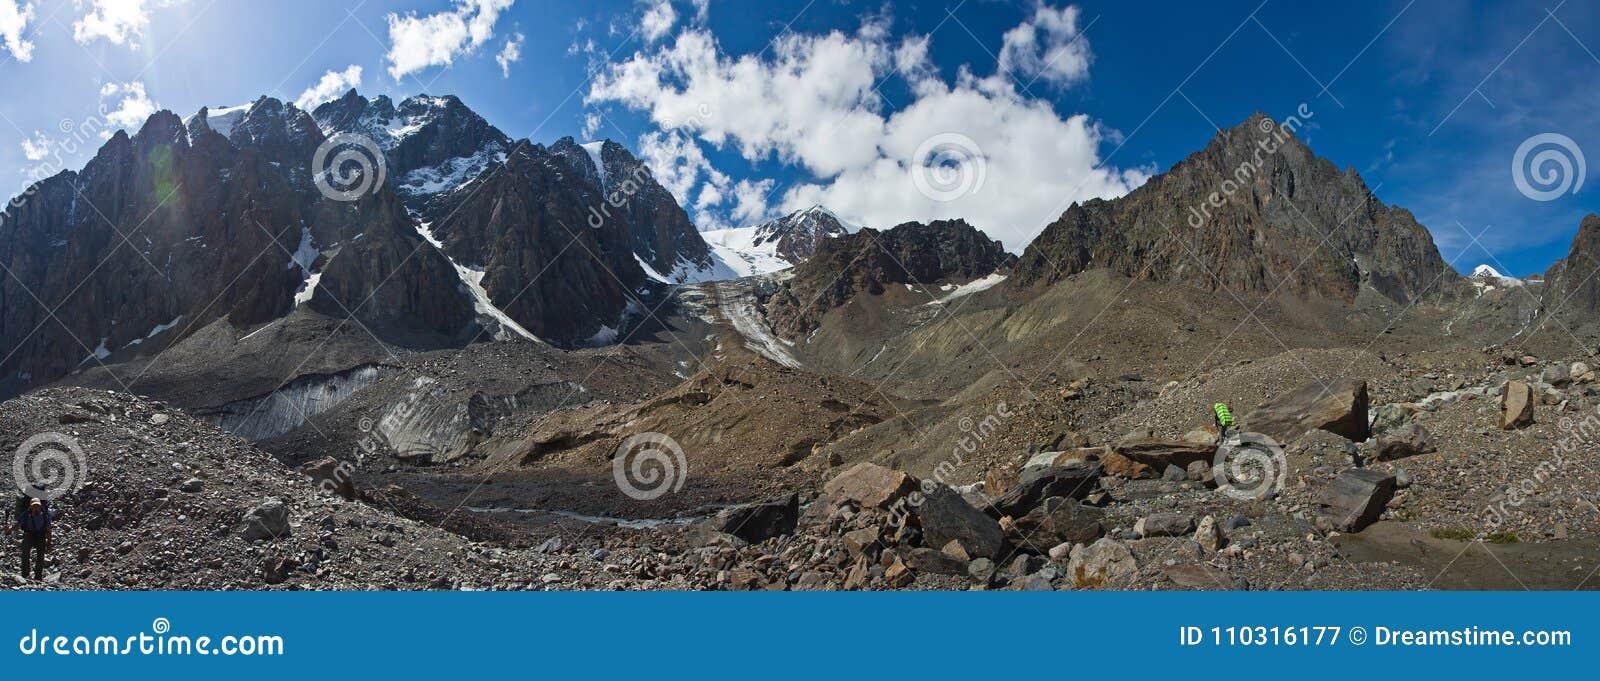 Dolina z widokiem góry i wycieczkowicze